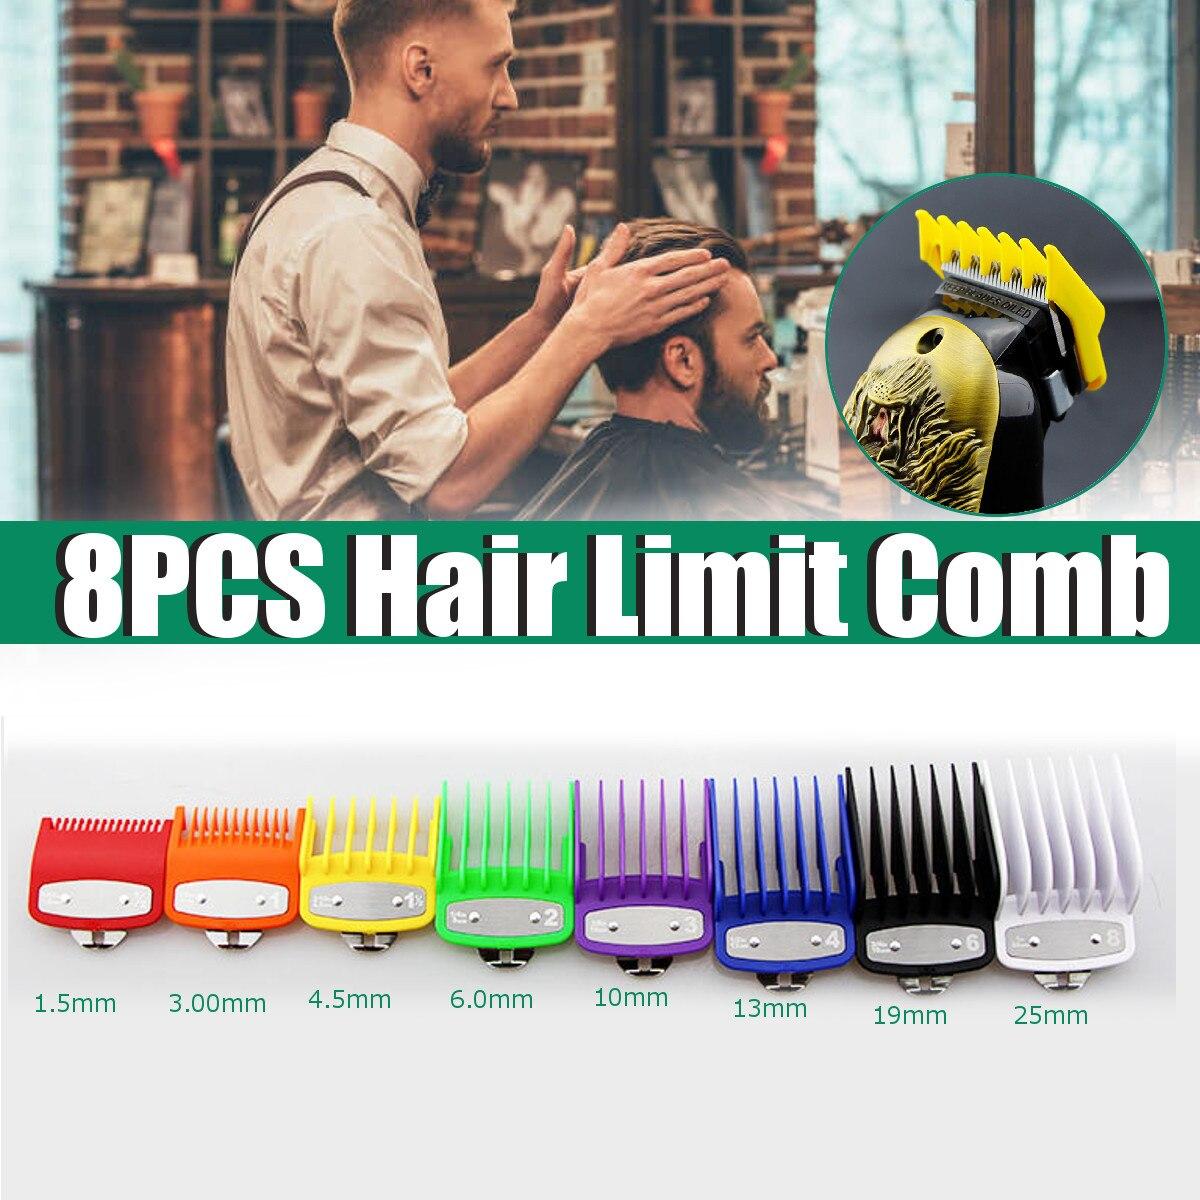 Conjunto Universal de 8 tamaños de maquinillas de corte tipo peine, Guía para cortar y estilizar el pelo, maquinilla de afeitar eléctrica, 8 unidades